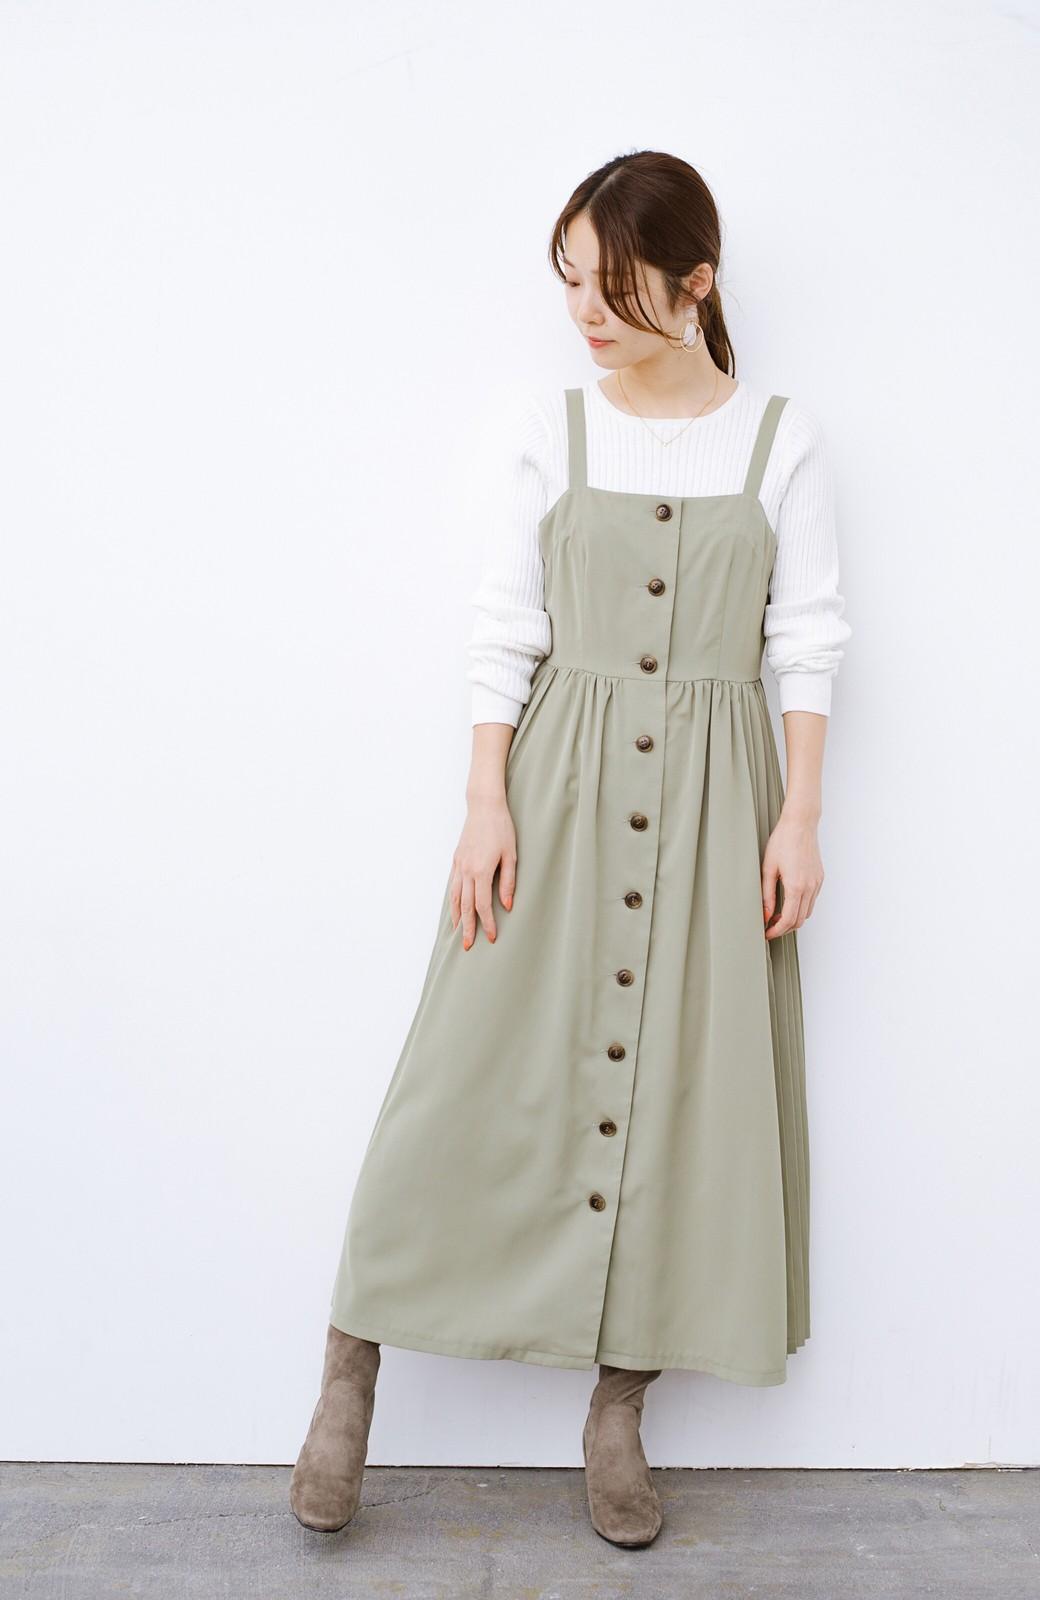 haco! デニムにもスカートにも似合う!すぽっと履けてスタイルアップが叶う女っぽフェイクスエードブーツ <ブラウン>の商品写真9